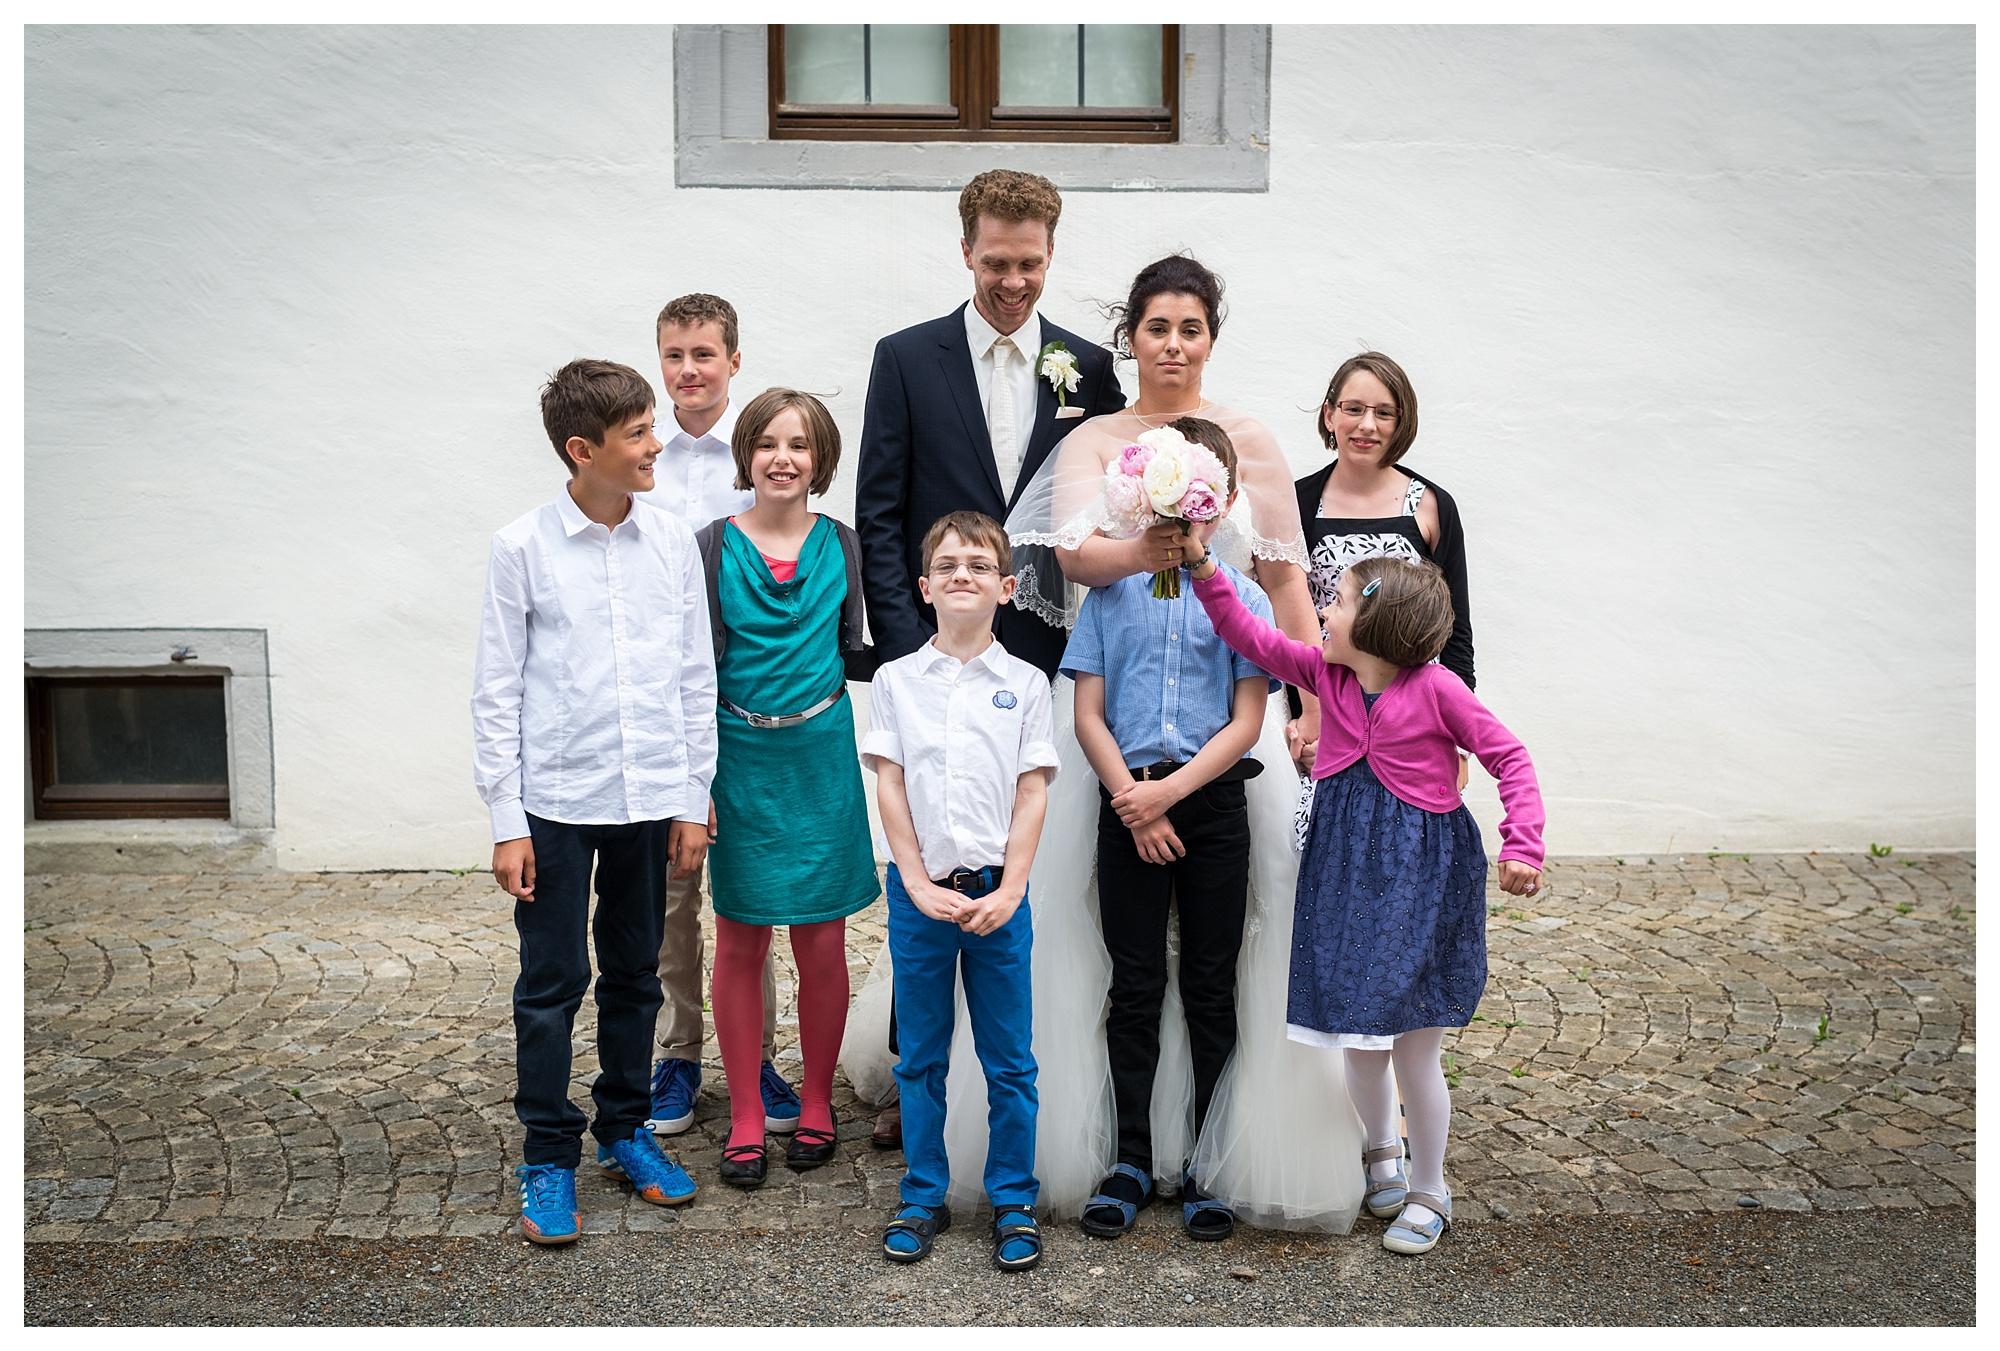 Fotograf Konstanz - Hochzeit Tanja Elmar Elmar Feuerbacher Photography Konstanz Messkirch Highlights 088 - Hochzeitsreportage von Tanja und Elmar im Schloss Meßkirch  - 84 -